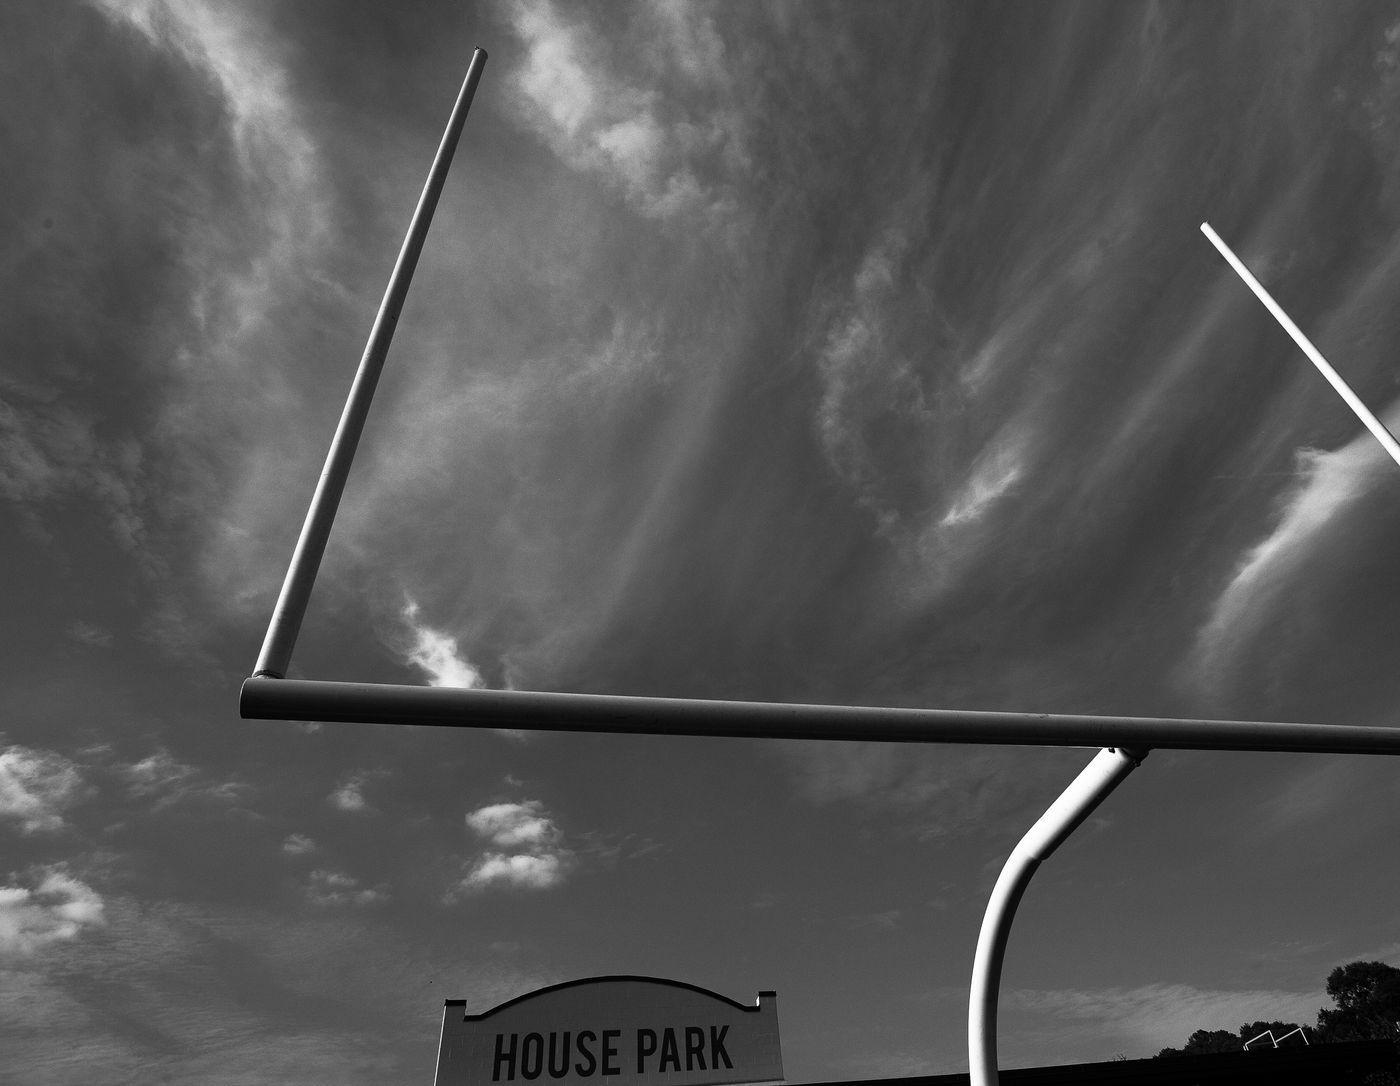 housepark